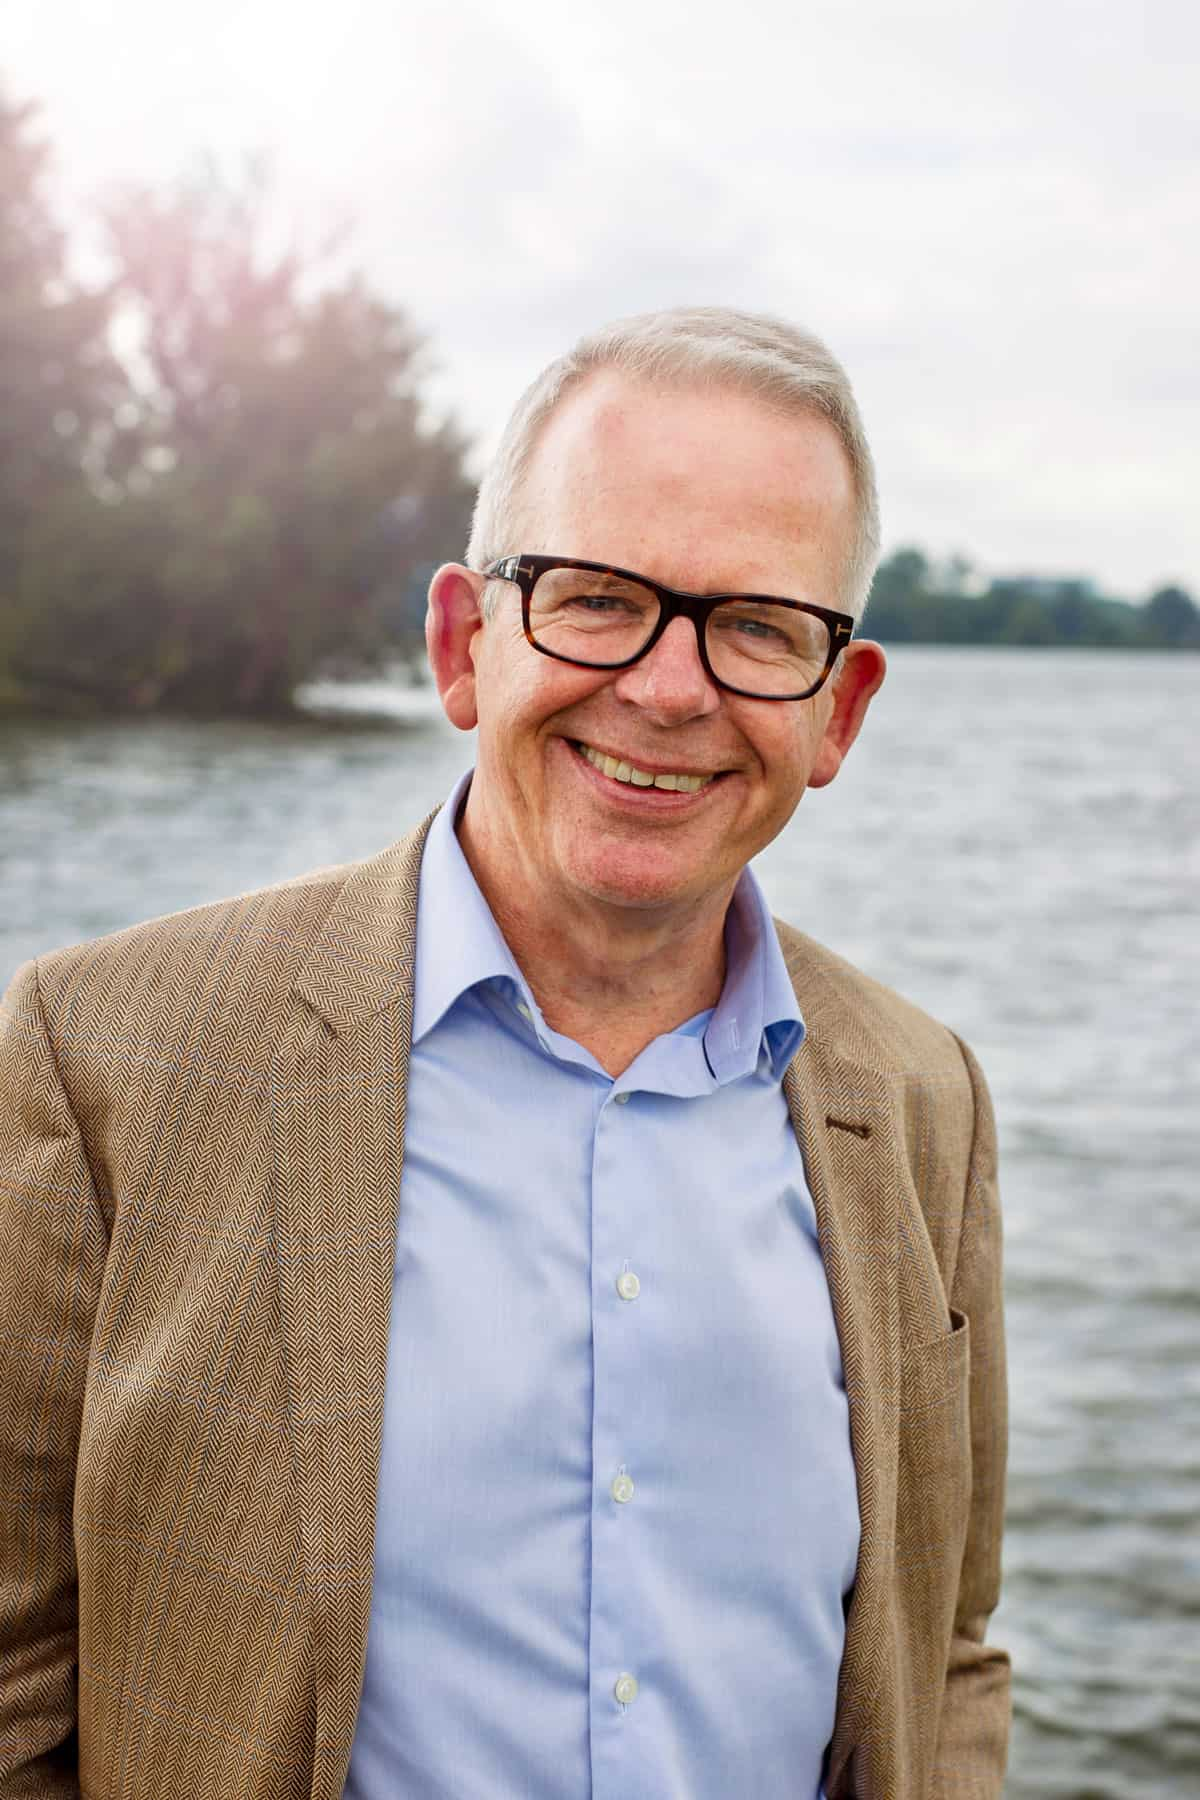 over mij Joris van der Bijl coach met 25 jaar ervaring in bedrijfsleven